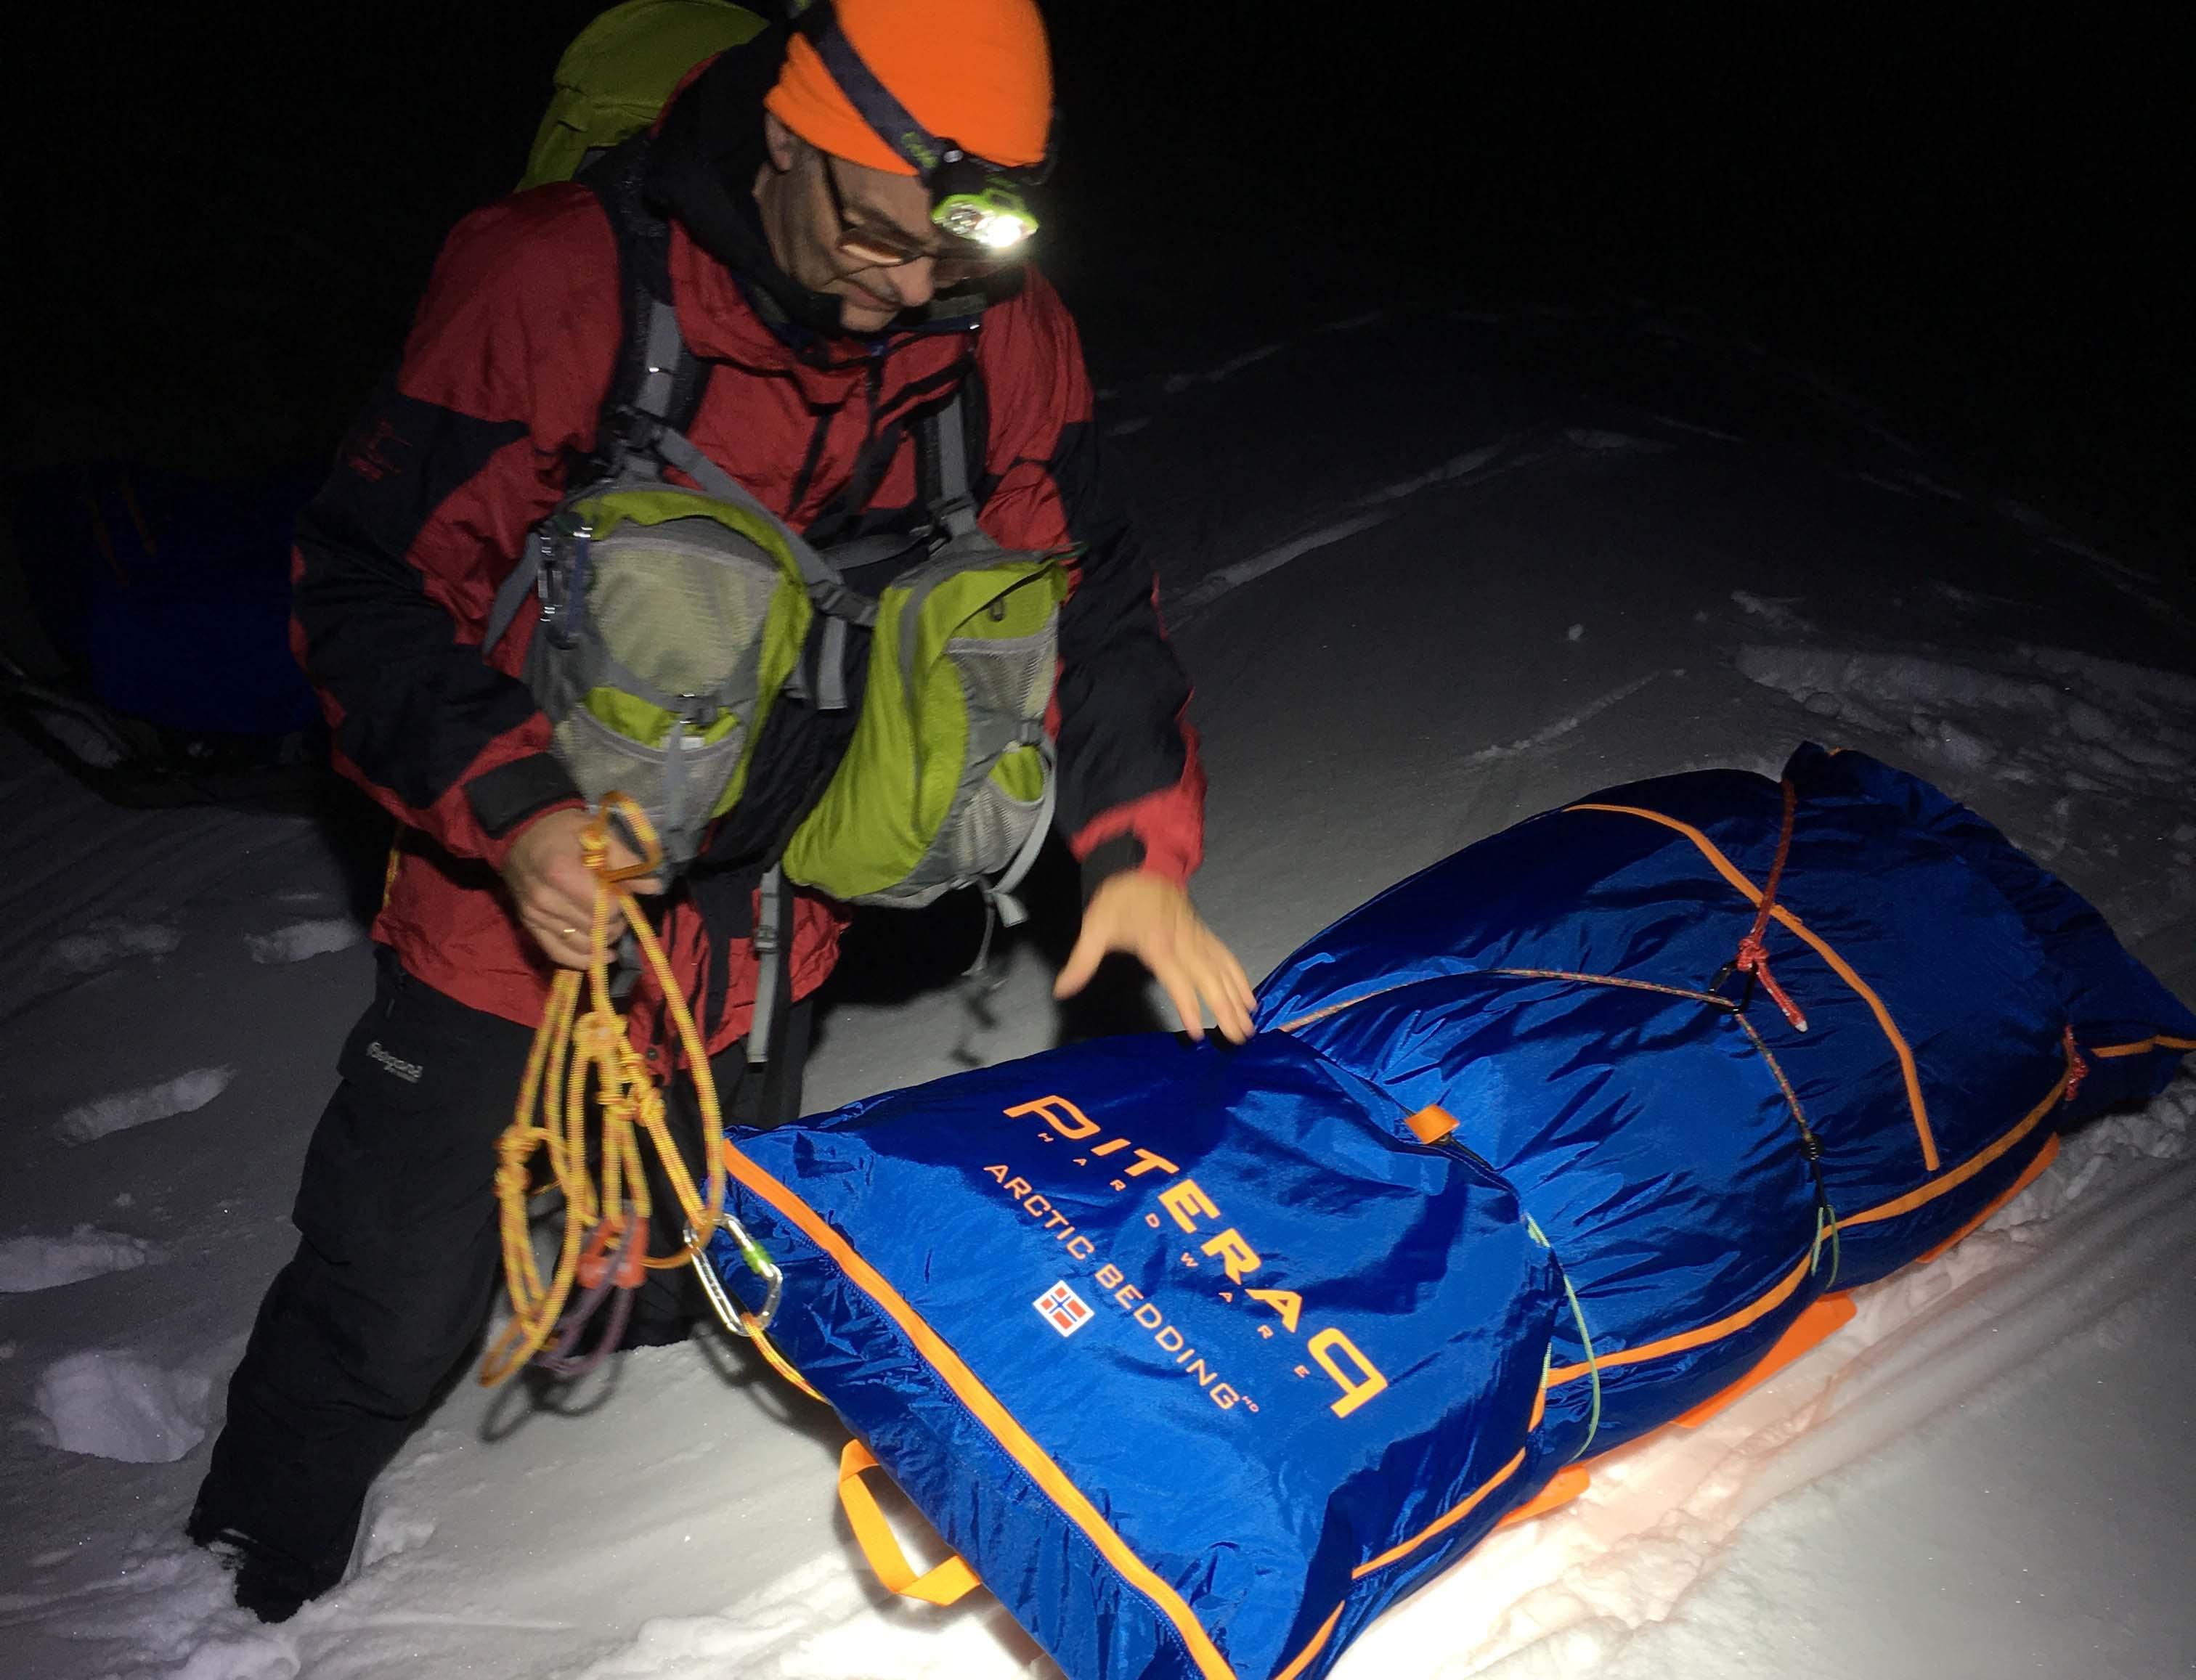 sqoop-outdoor-arctic-bedding-spotgen3-aarn-ryggsekk-coleman-hodelykt